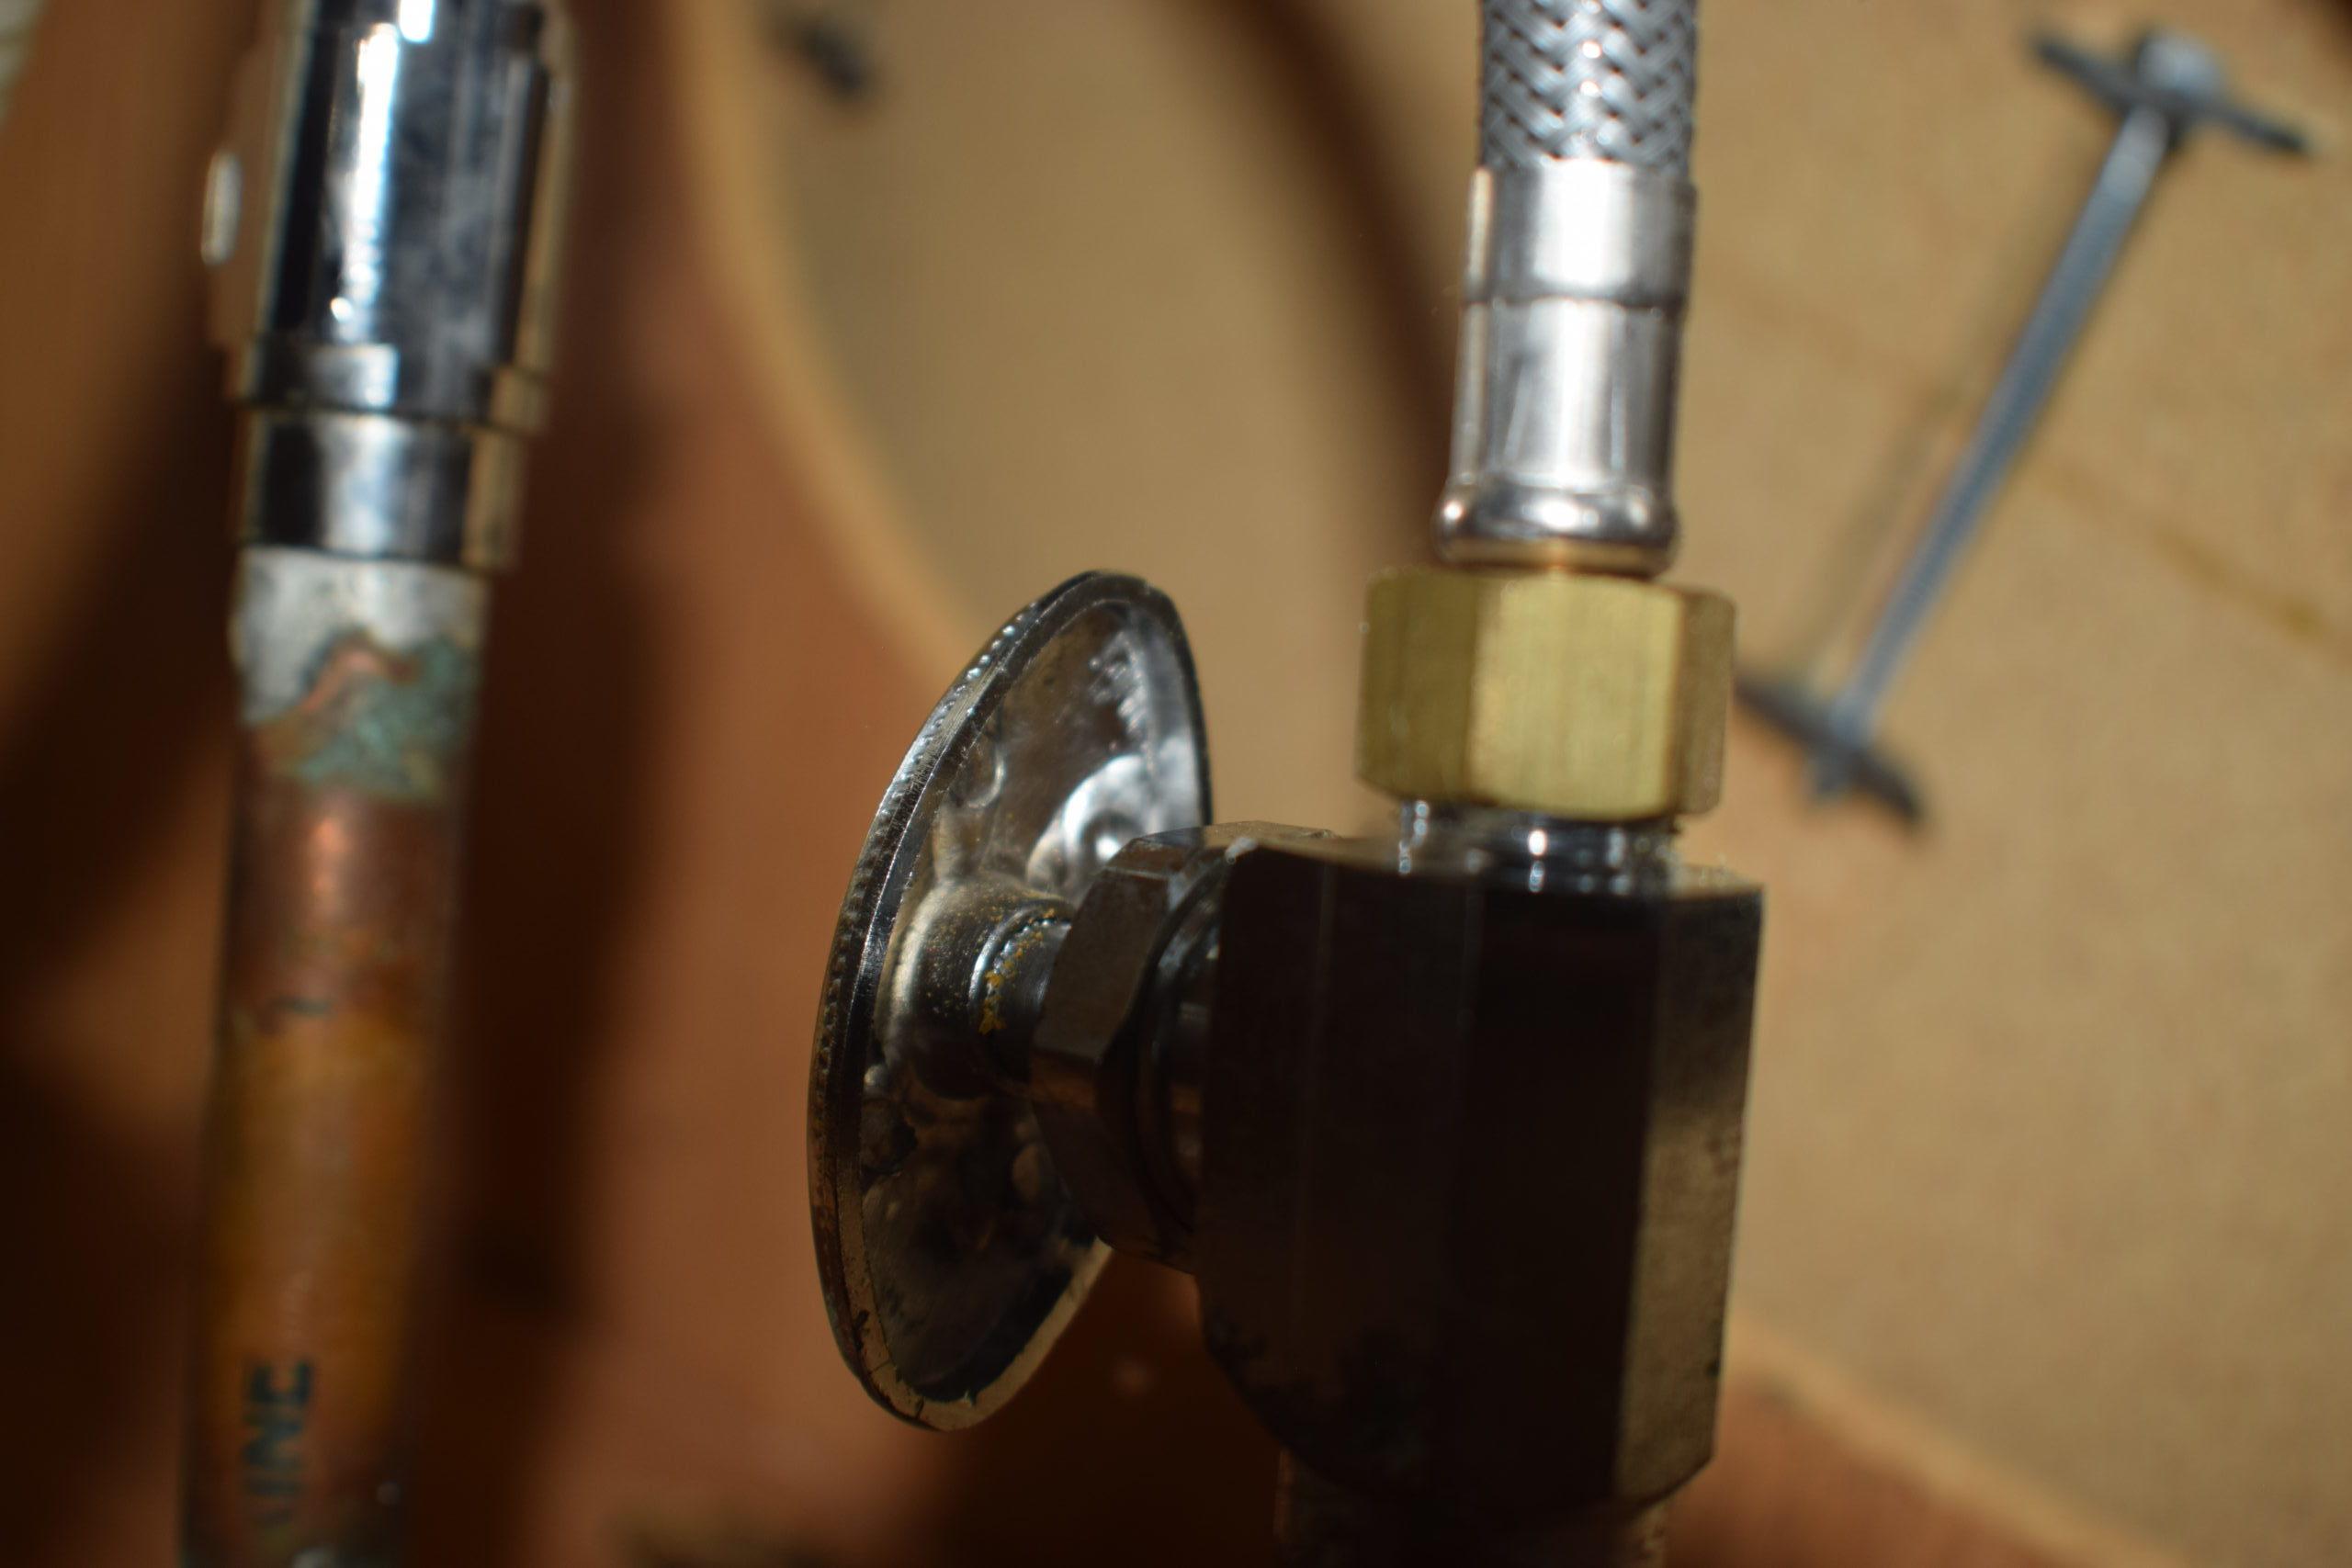 water shut off valve under kitchen sink